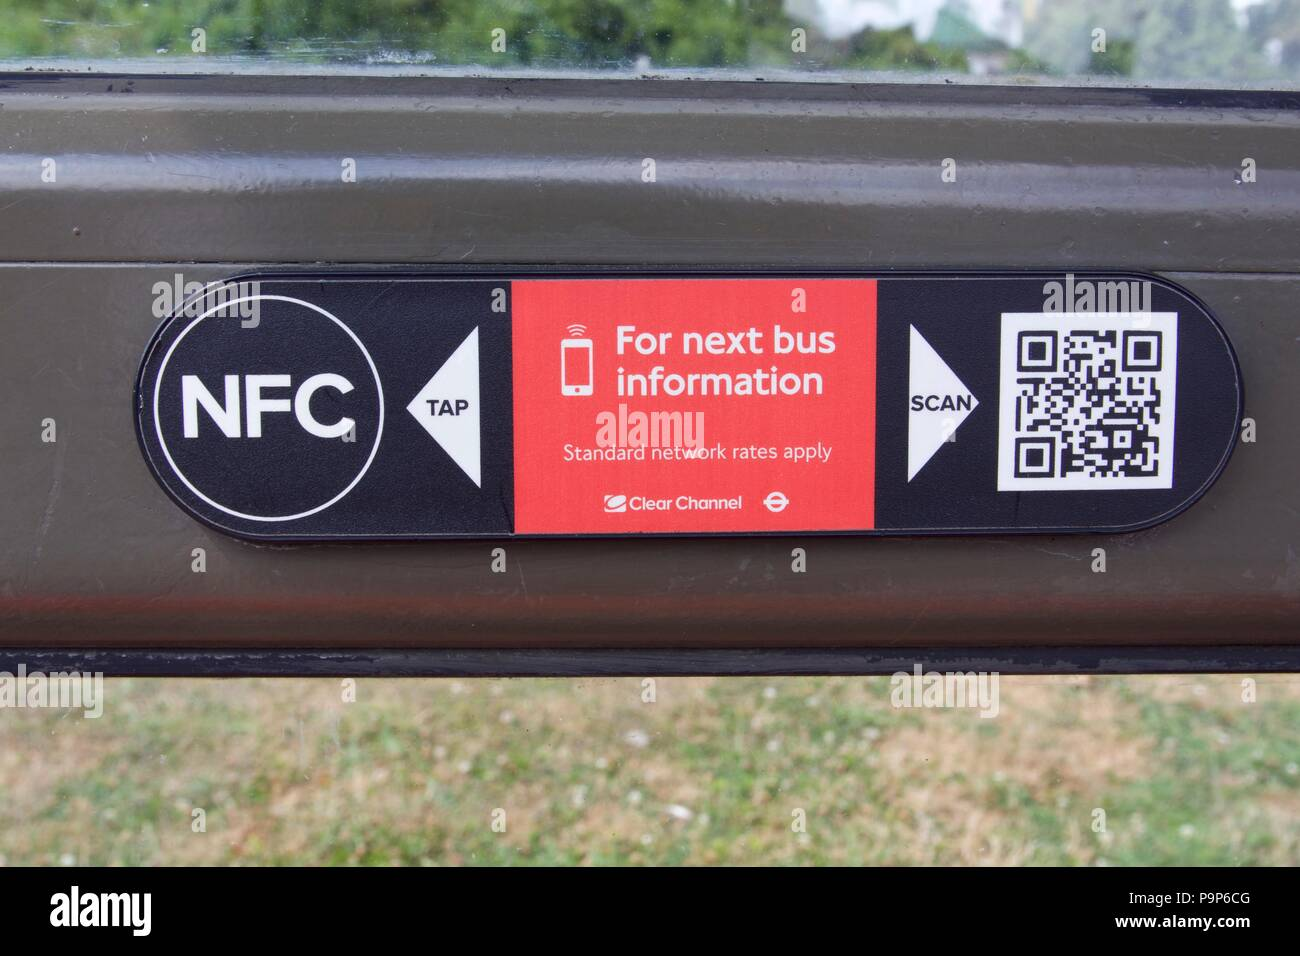 270eb6bf3e4 Un NFC y QR code en una parada de autobús en Londres para obtener la  siguiente